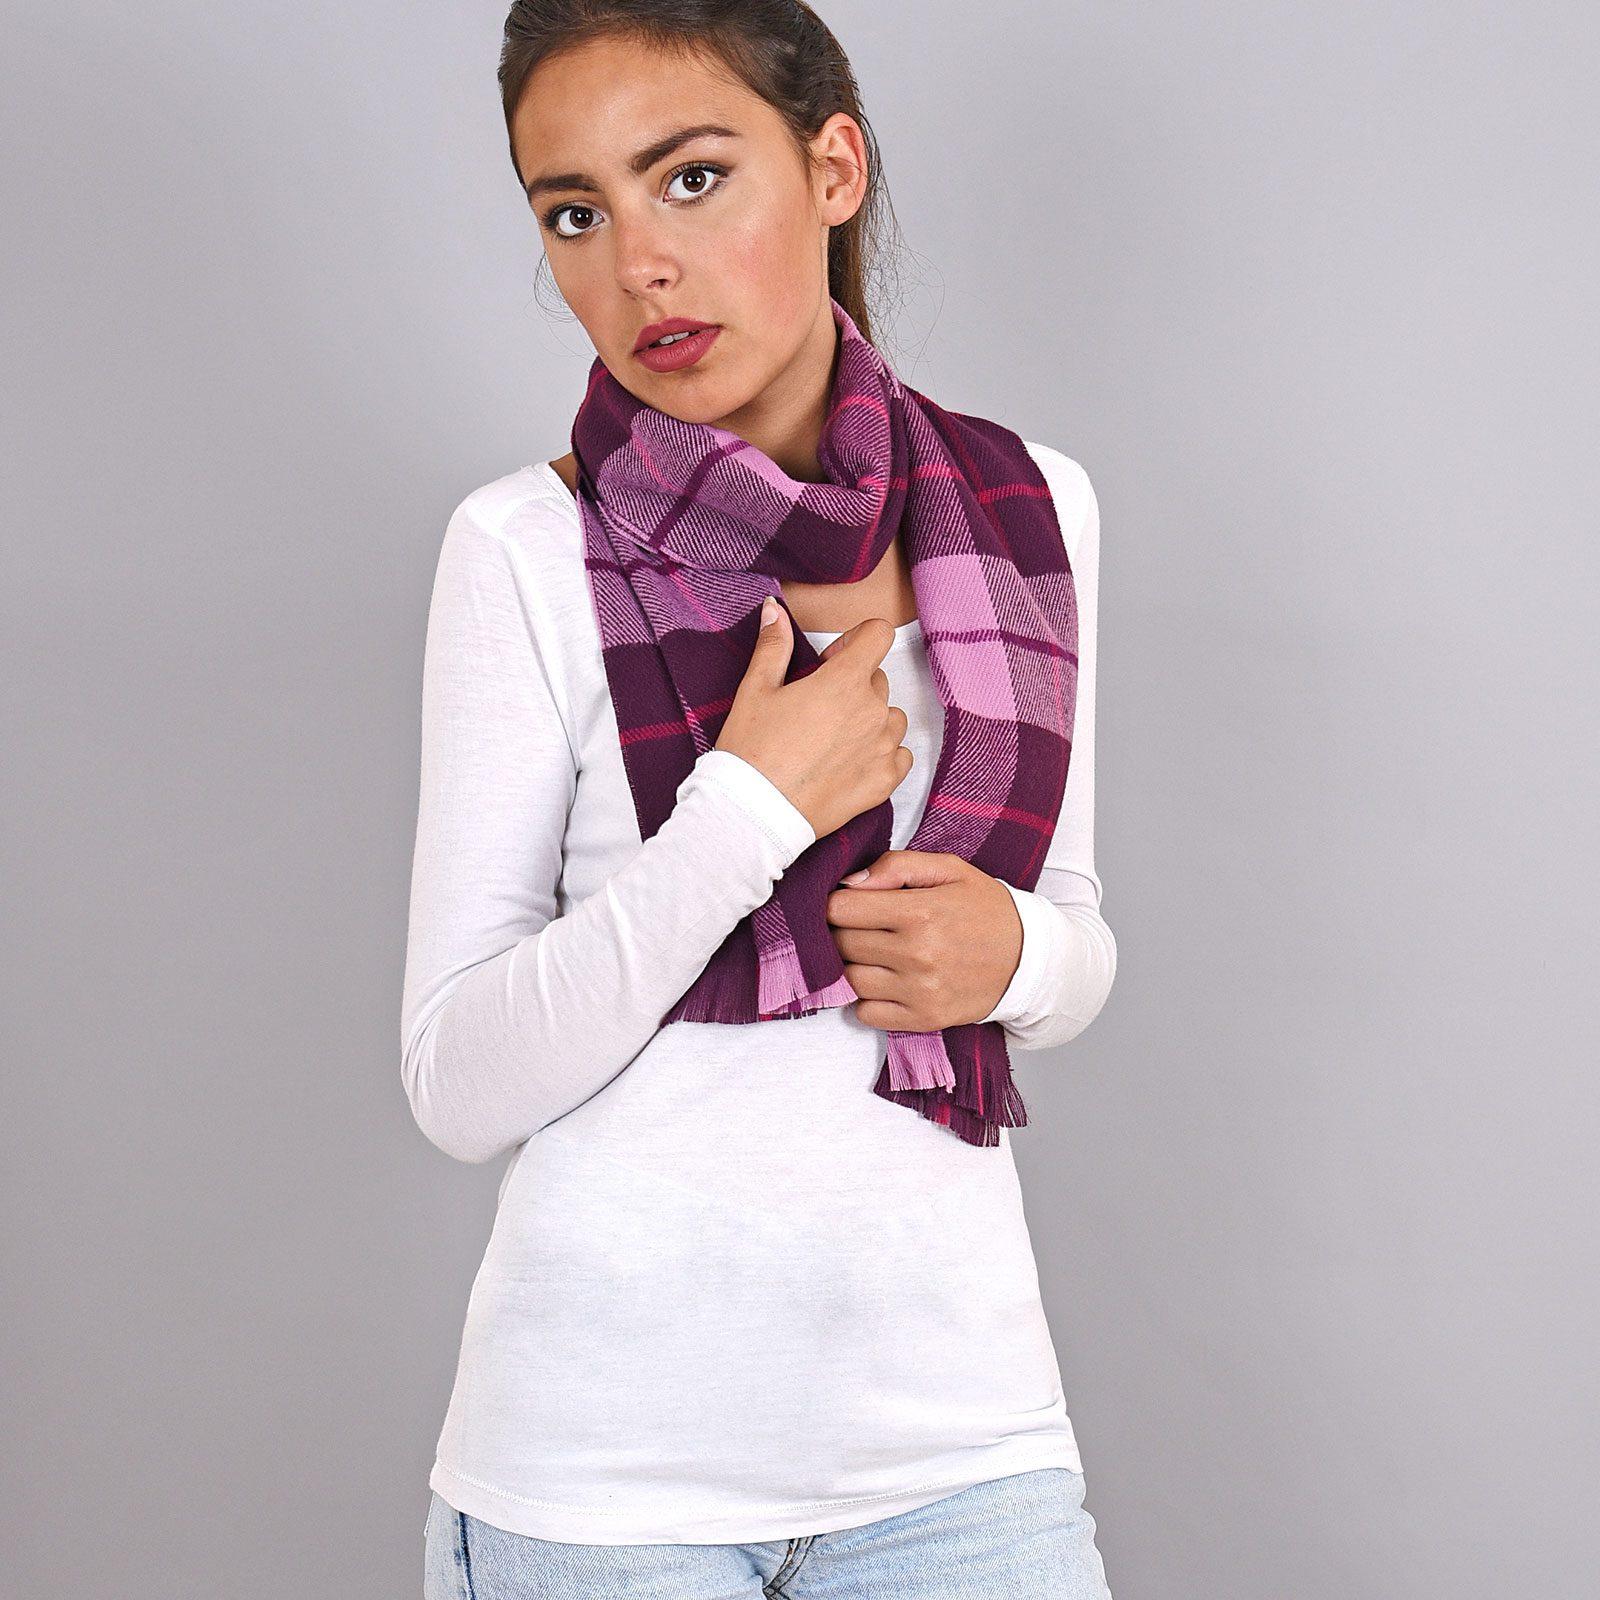 http://lookbook.allee-du-foulard.fr/wp-content/uploads/2019/01/AT-03932-VF16-echarpe-a-carreaux-violet-1600x1600.jpg